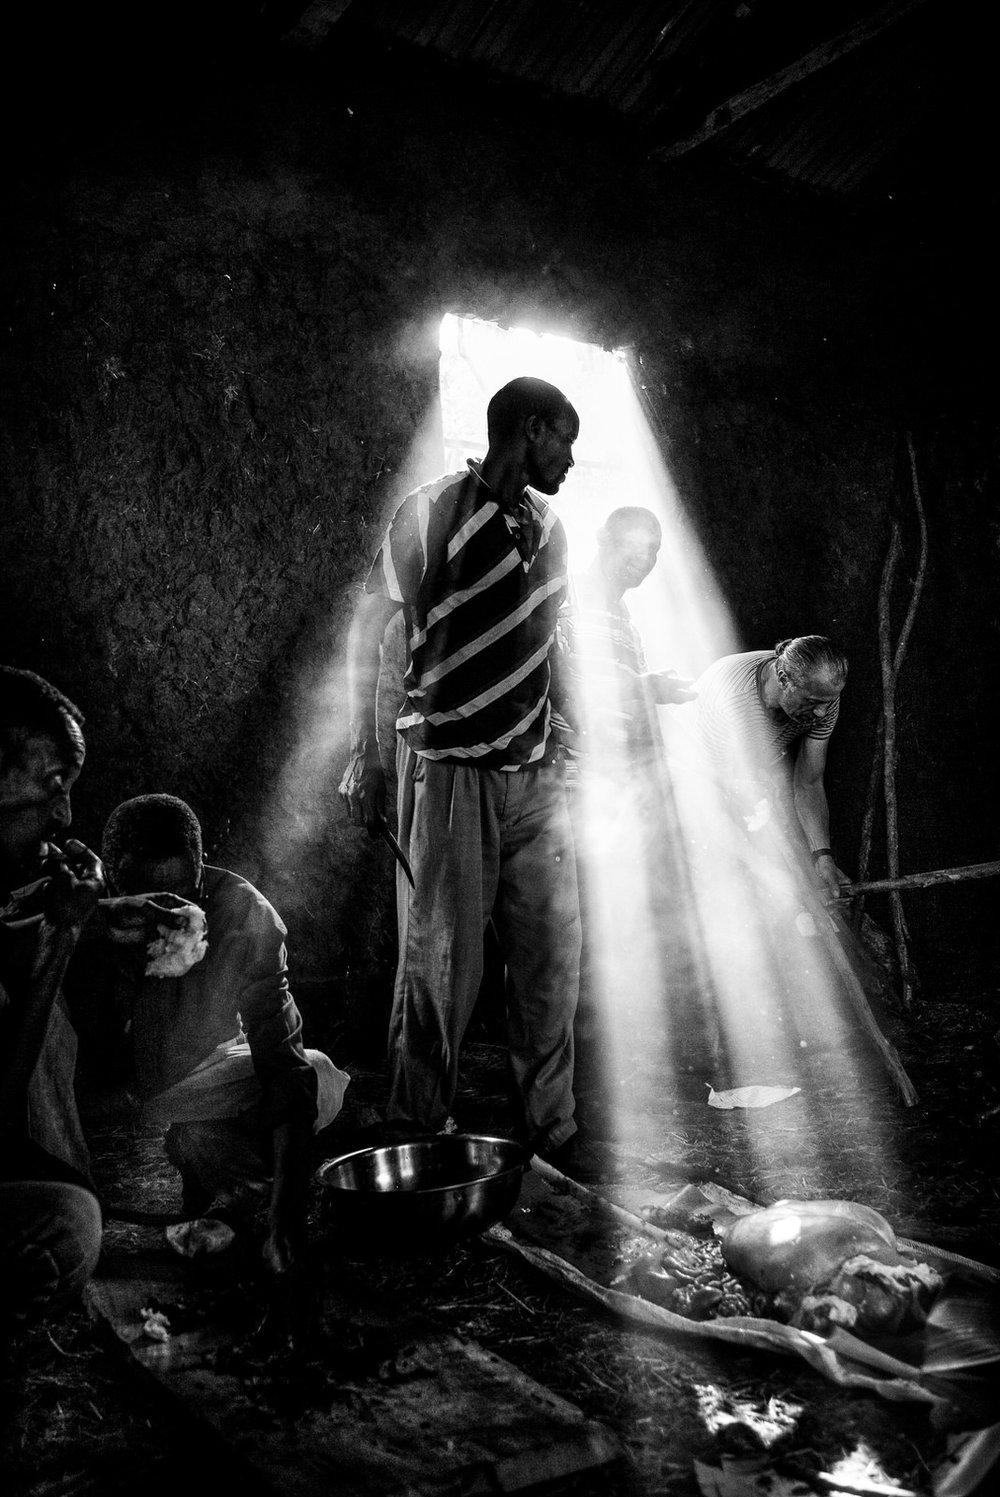 Alan Schaller - Street Photography International 3.jpg